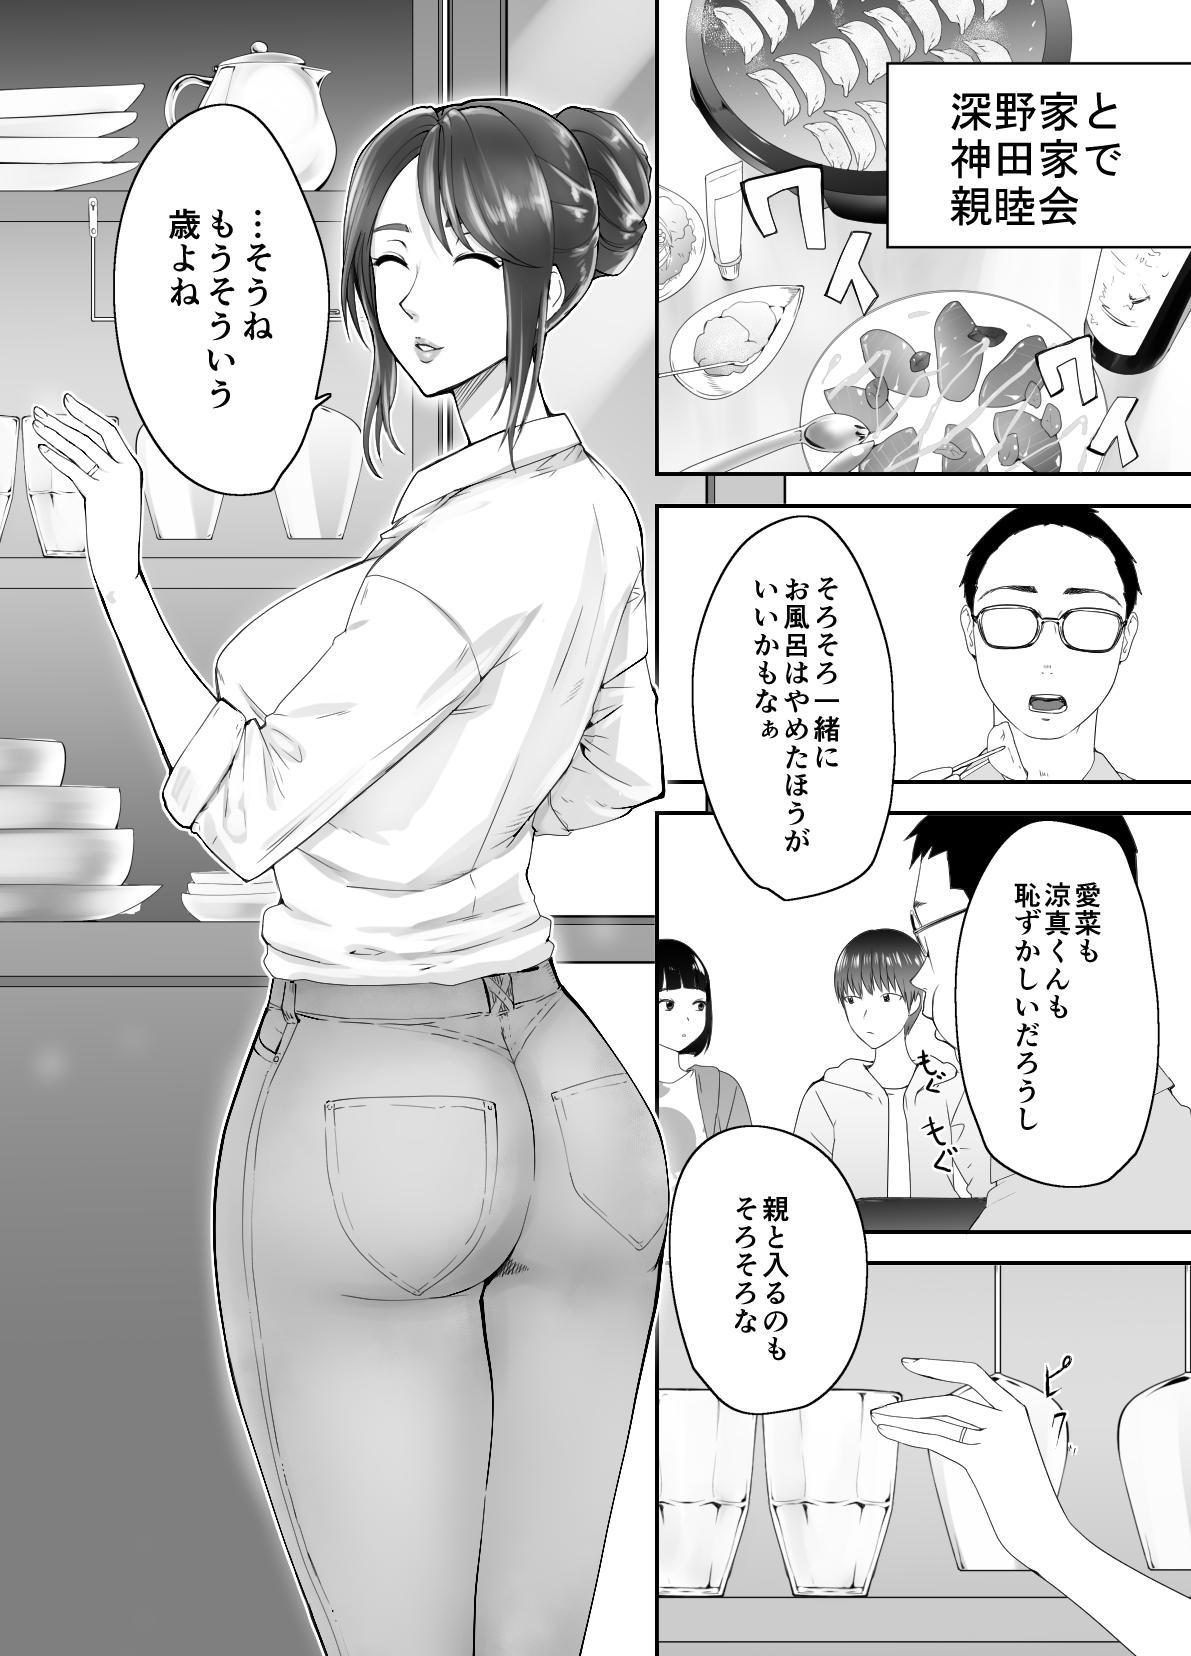 Osananajimi ga Mama to Yatte Imasu. 2 1